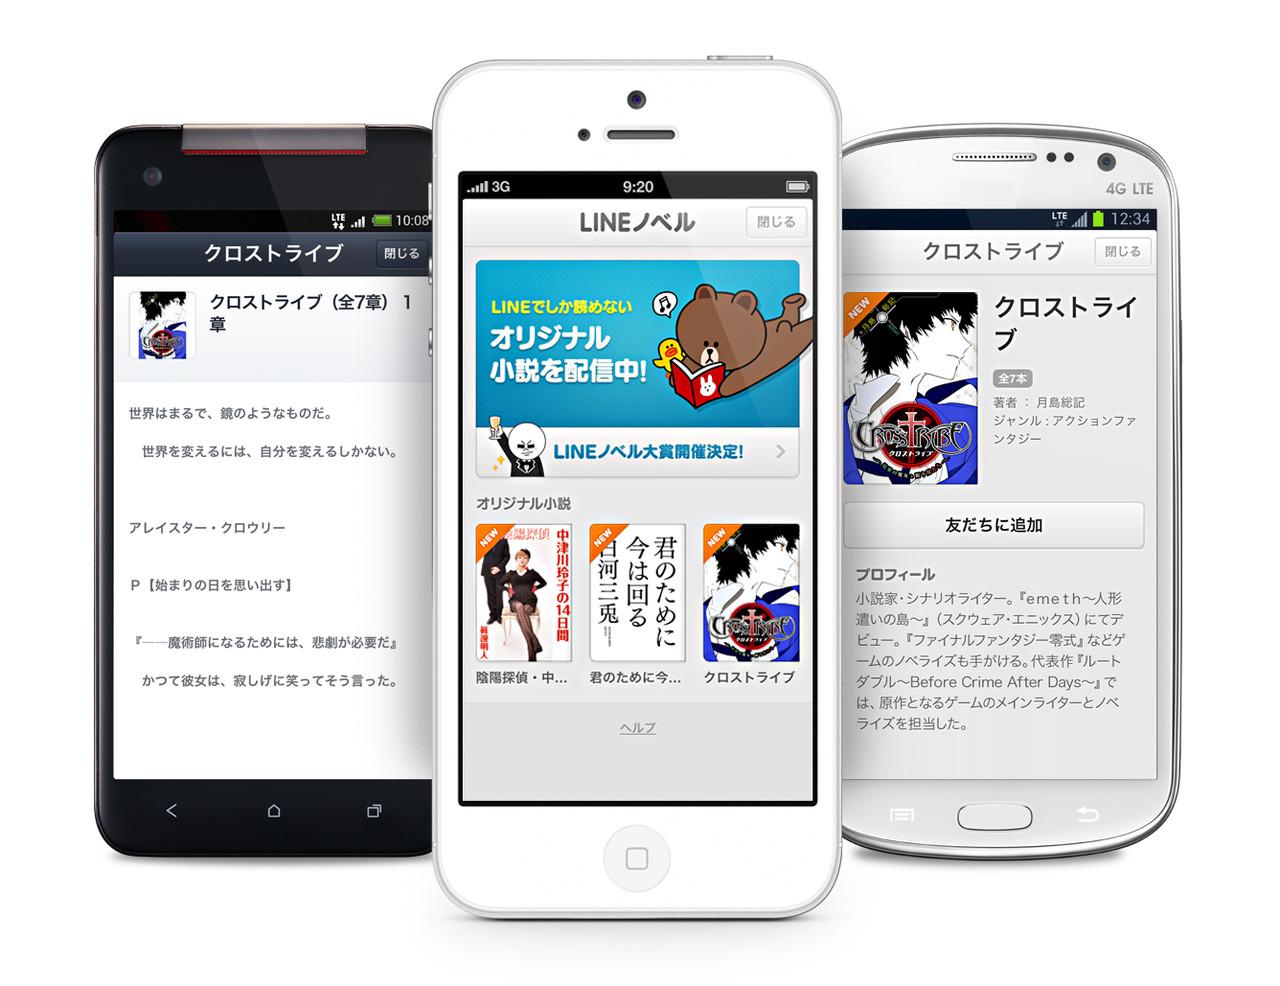 LINEが小説配信にも参入! 公式アカウントから無料で小説が読める「LINE ノベル」を提供開始1